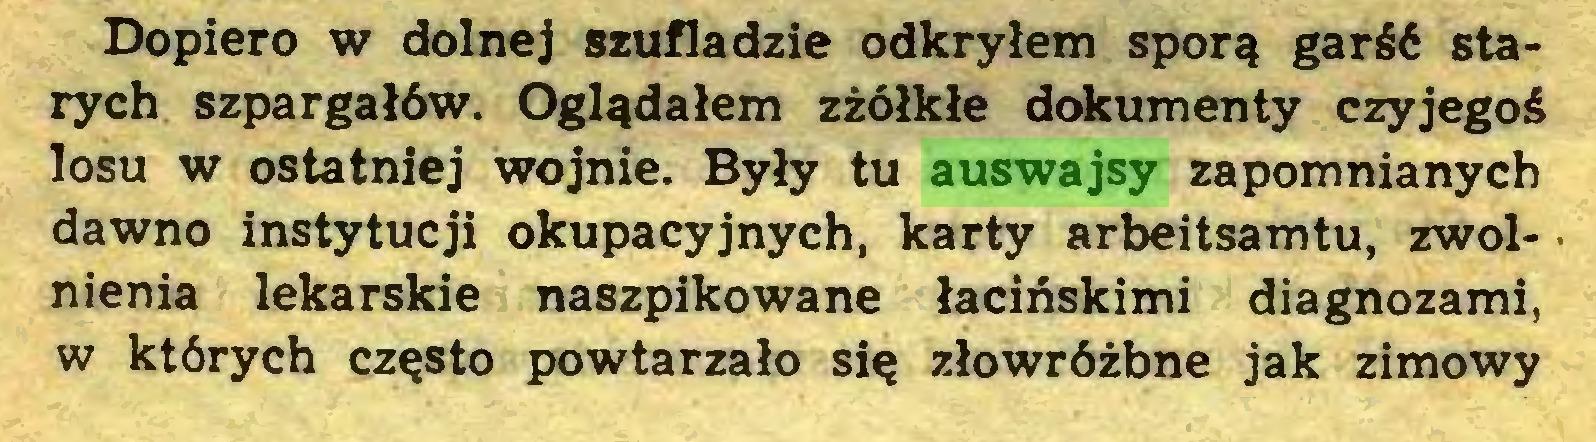 (...) Dopiero w dolnej szufladzie odkryłem sporą garść starych szpargałów. Oglądałem zżółkłe dokumenty czyjegoś losu w ostatniej wojnie. Były tu auswajsy zapomnianych dawno instytucji okupacyjnych, karty arbeitsamtu, zwolnienia lekarskie naszpikowane łacińskimi diagnozami, w których często powtarzało się złowróżbne jak zimowy...